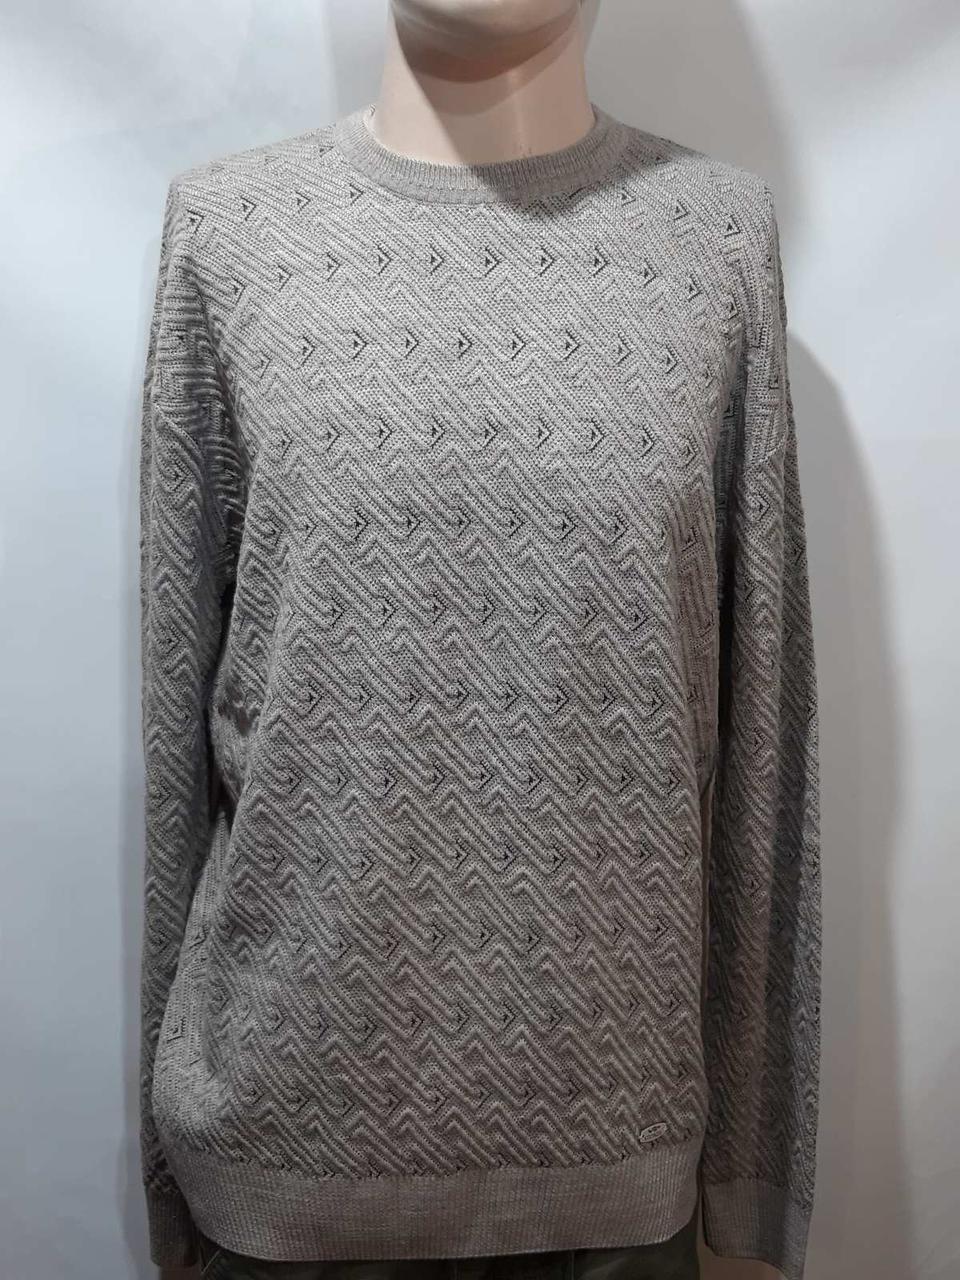 Шерстяной мужской свитер (большие размеры) с хомутом Турция Кофейный